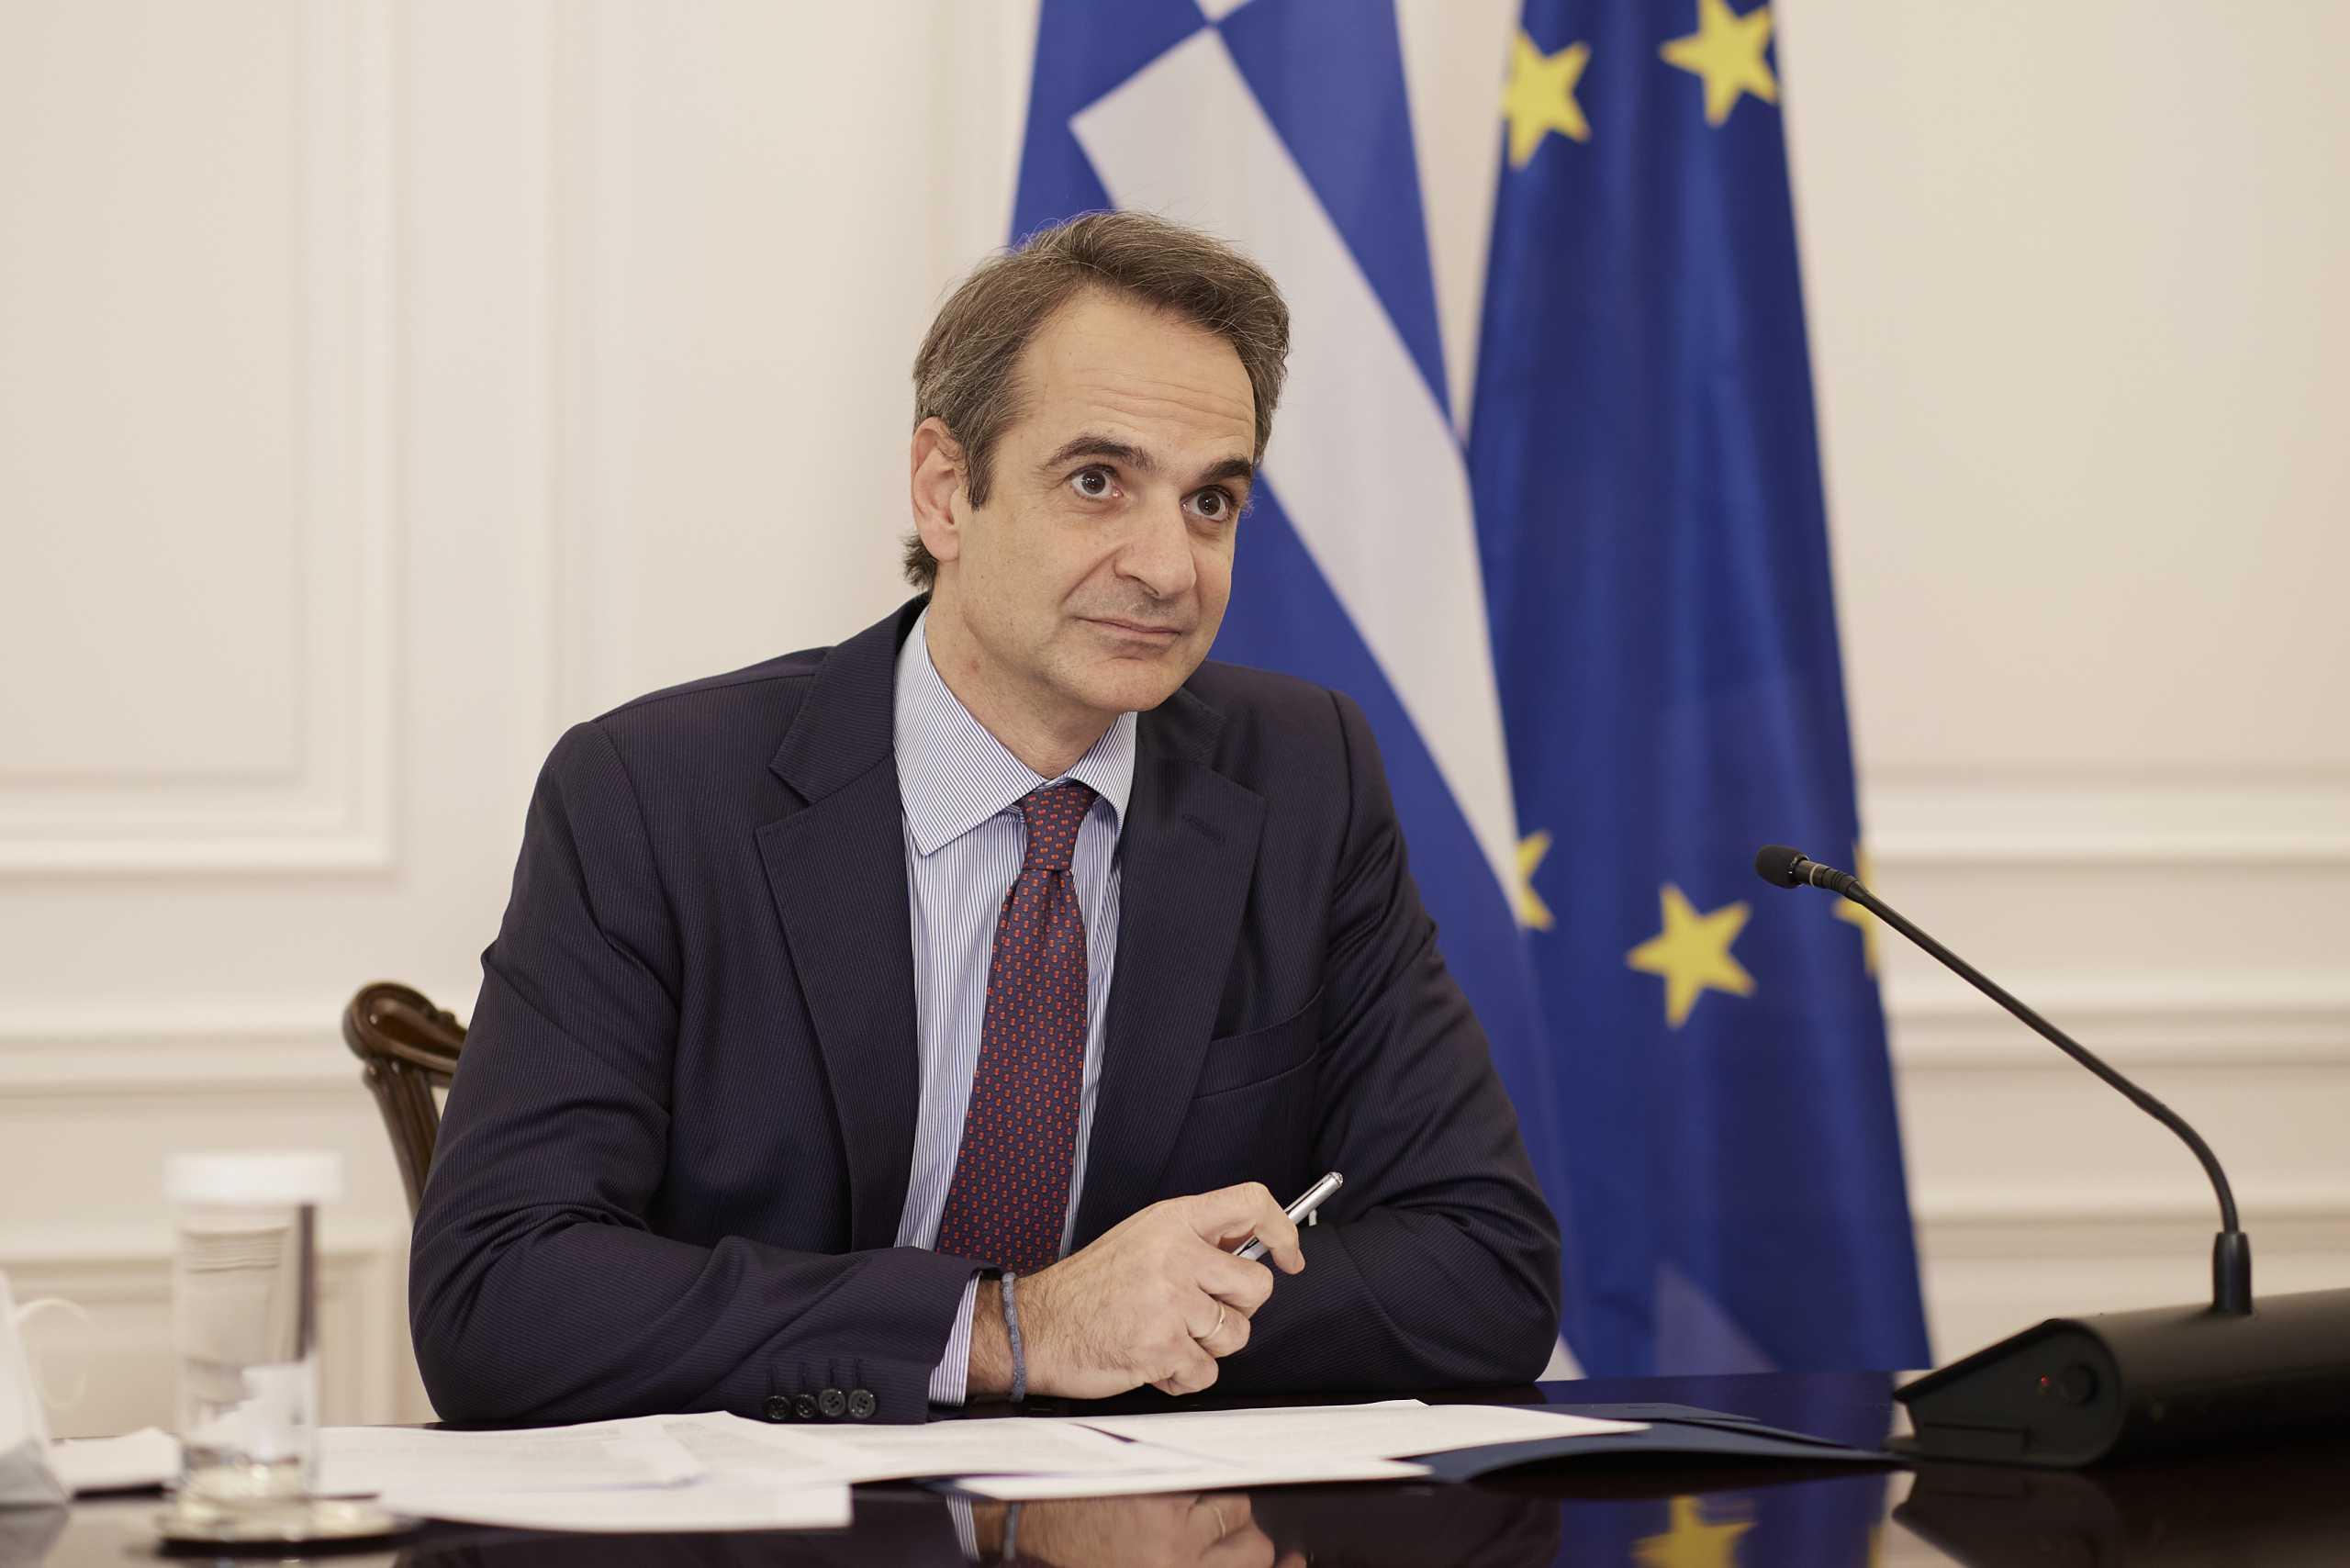 Μητσοτάκης: Οι δύο συμφωνίες με την Ευρωπαϊκή Τράπεζα Επενδύσεων αποτυπώνουν τη σύμπλευσή της με τις κεντρικές προτεραιότητες της κυβέρνησης